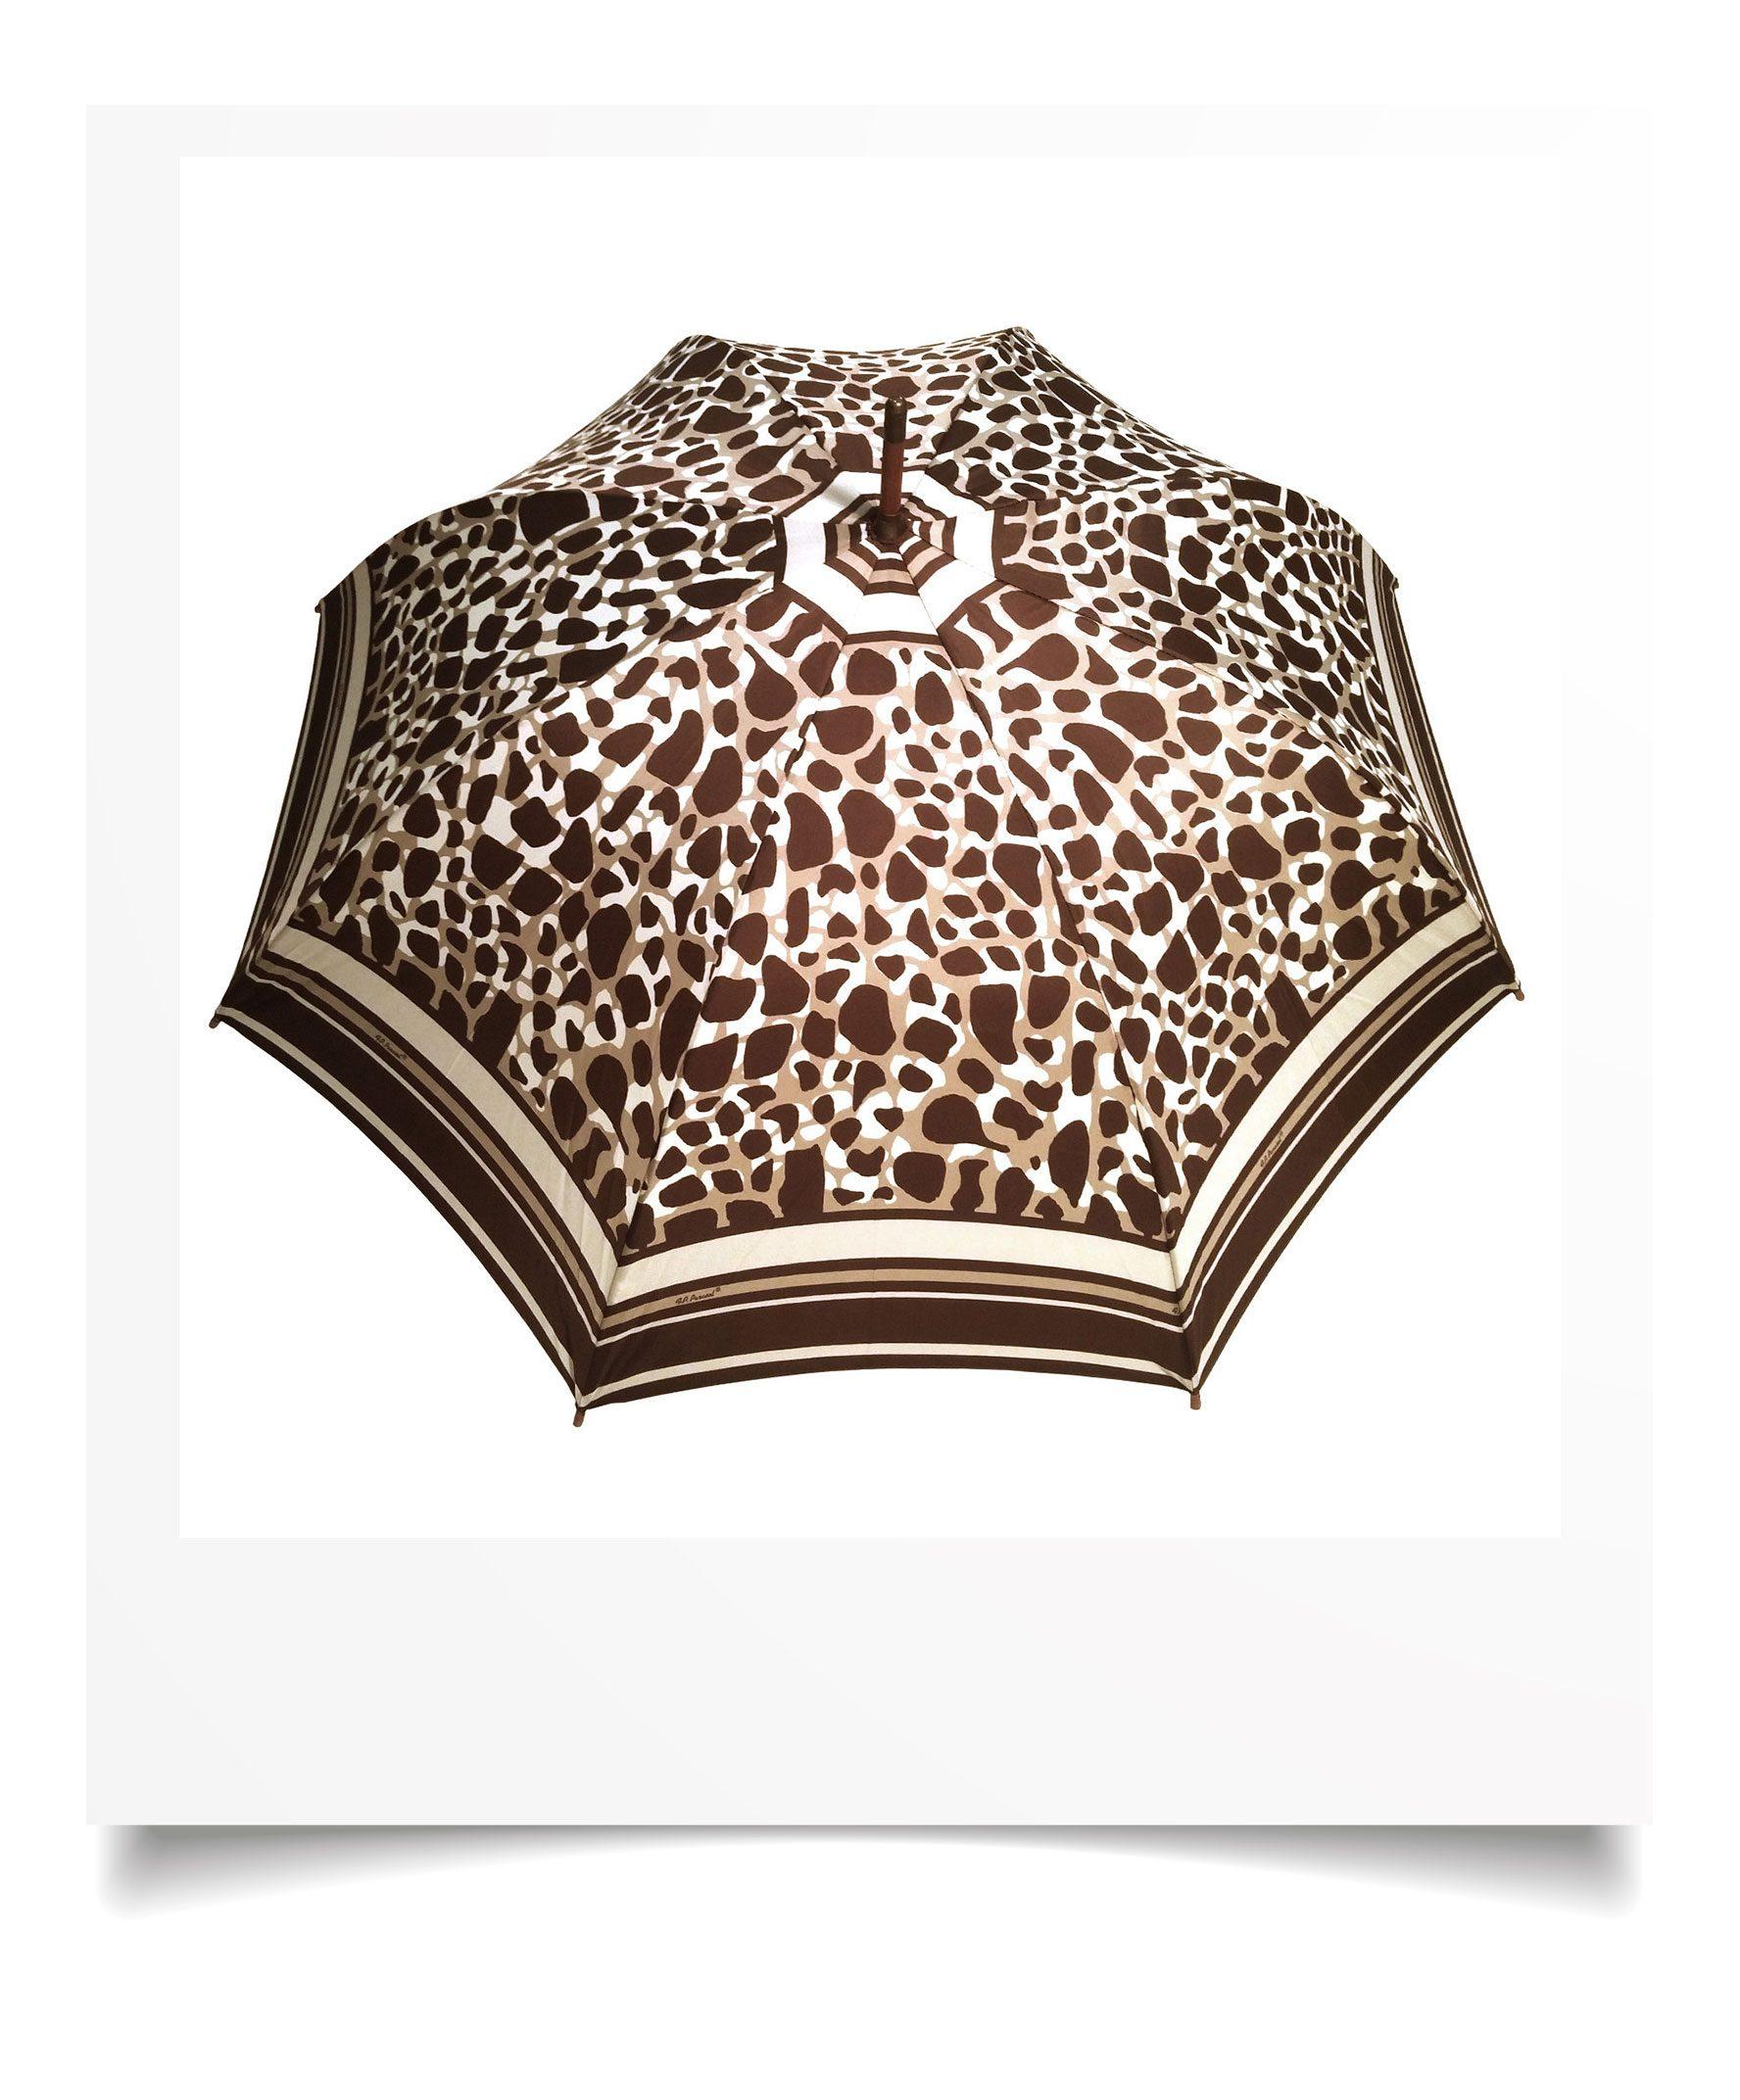 http://lookbook.allee-du-foulard.fr/wp-content/uploads/2018/09/0695-12-ADF-Accessoires-de-mode-LB-Selection_leopard-parapluie-leopard-marron-1776x2144.jpg